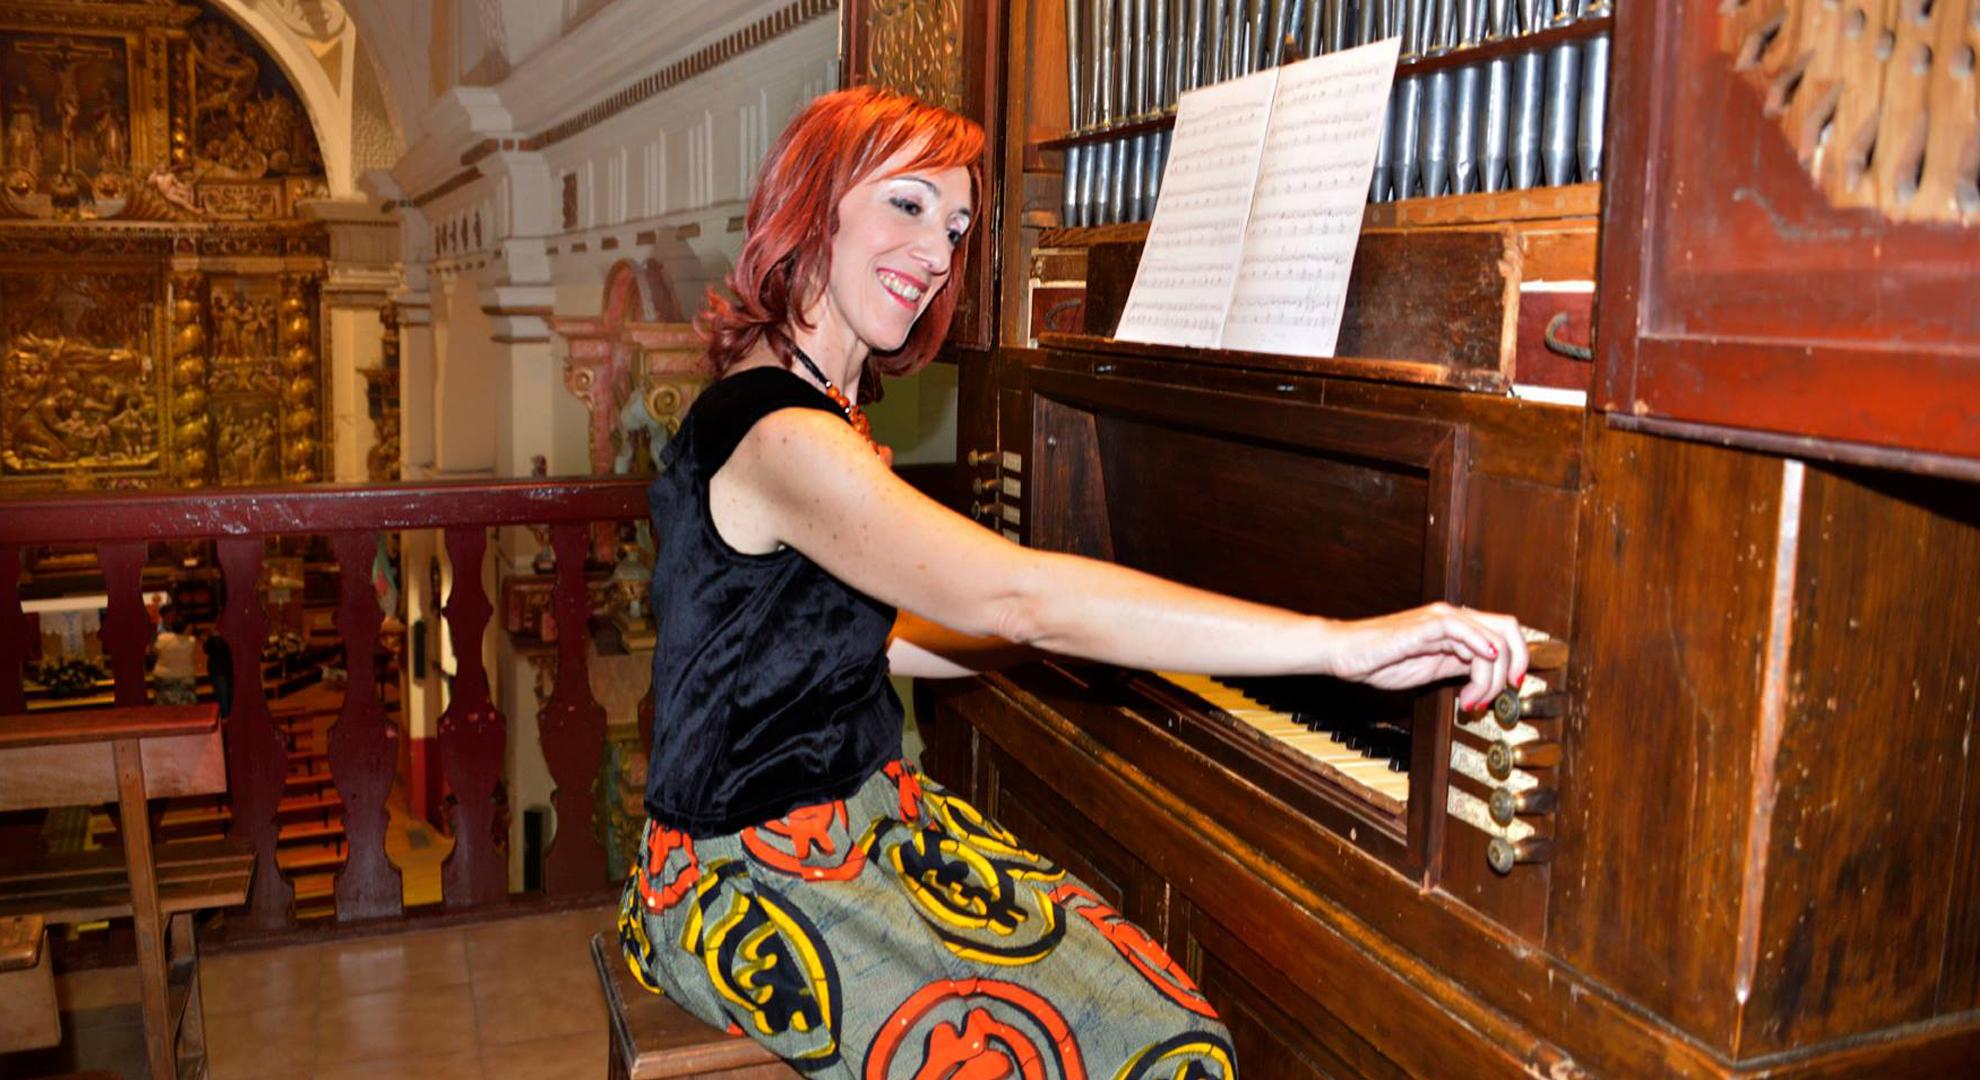 La clavecinista Pilar Montoya lleva la música antigua española a Italia y Japón